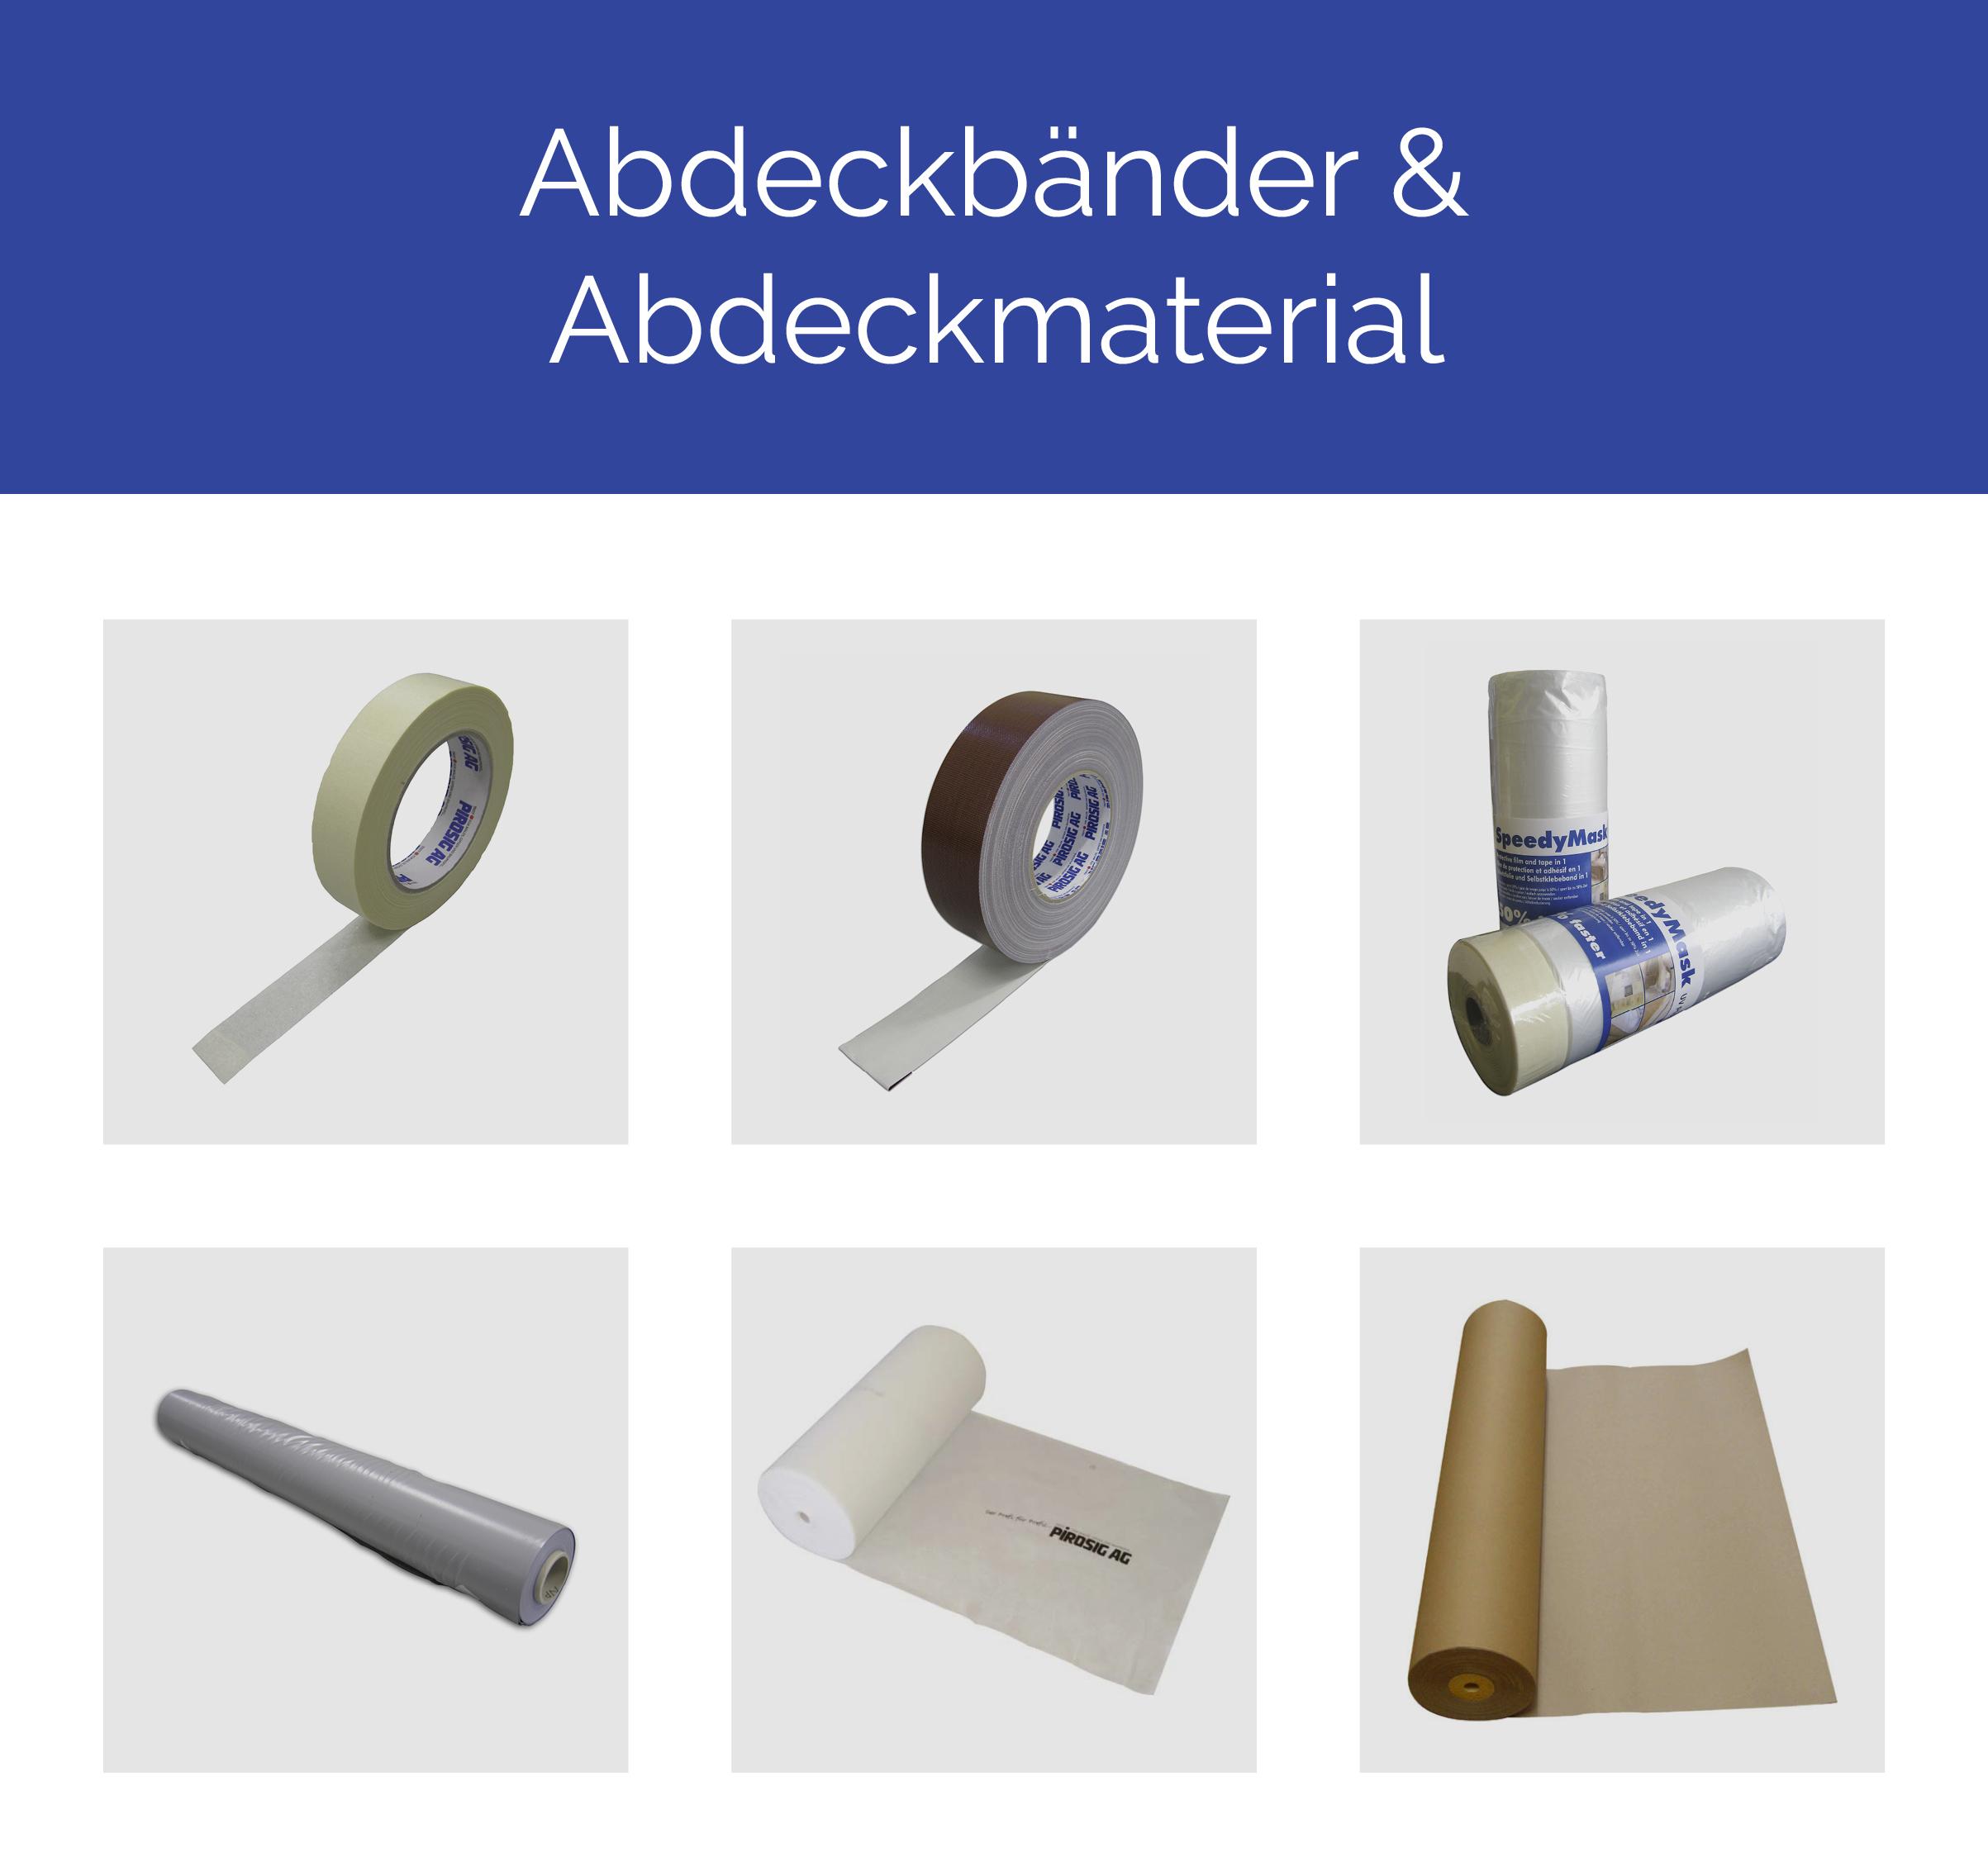 Abdeckbänder & Abdeckmaterial